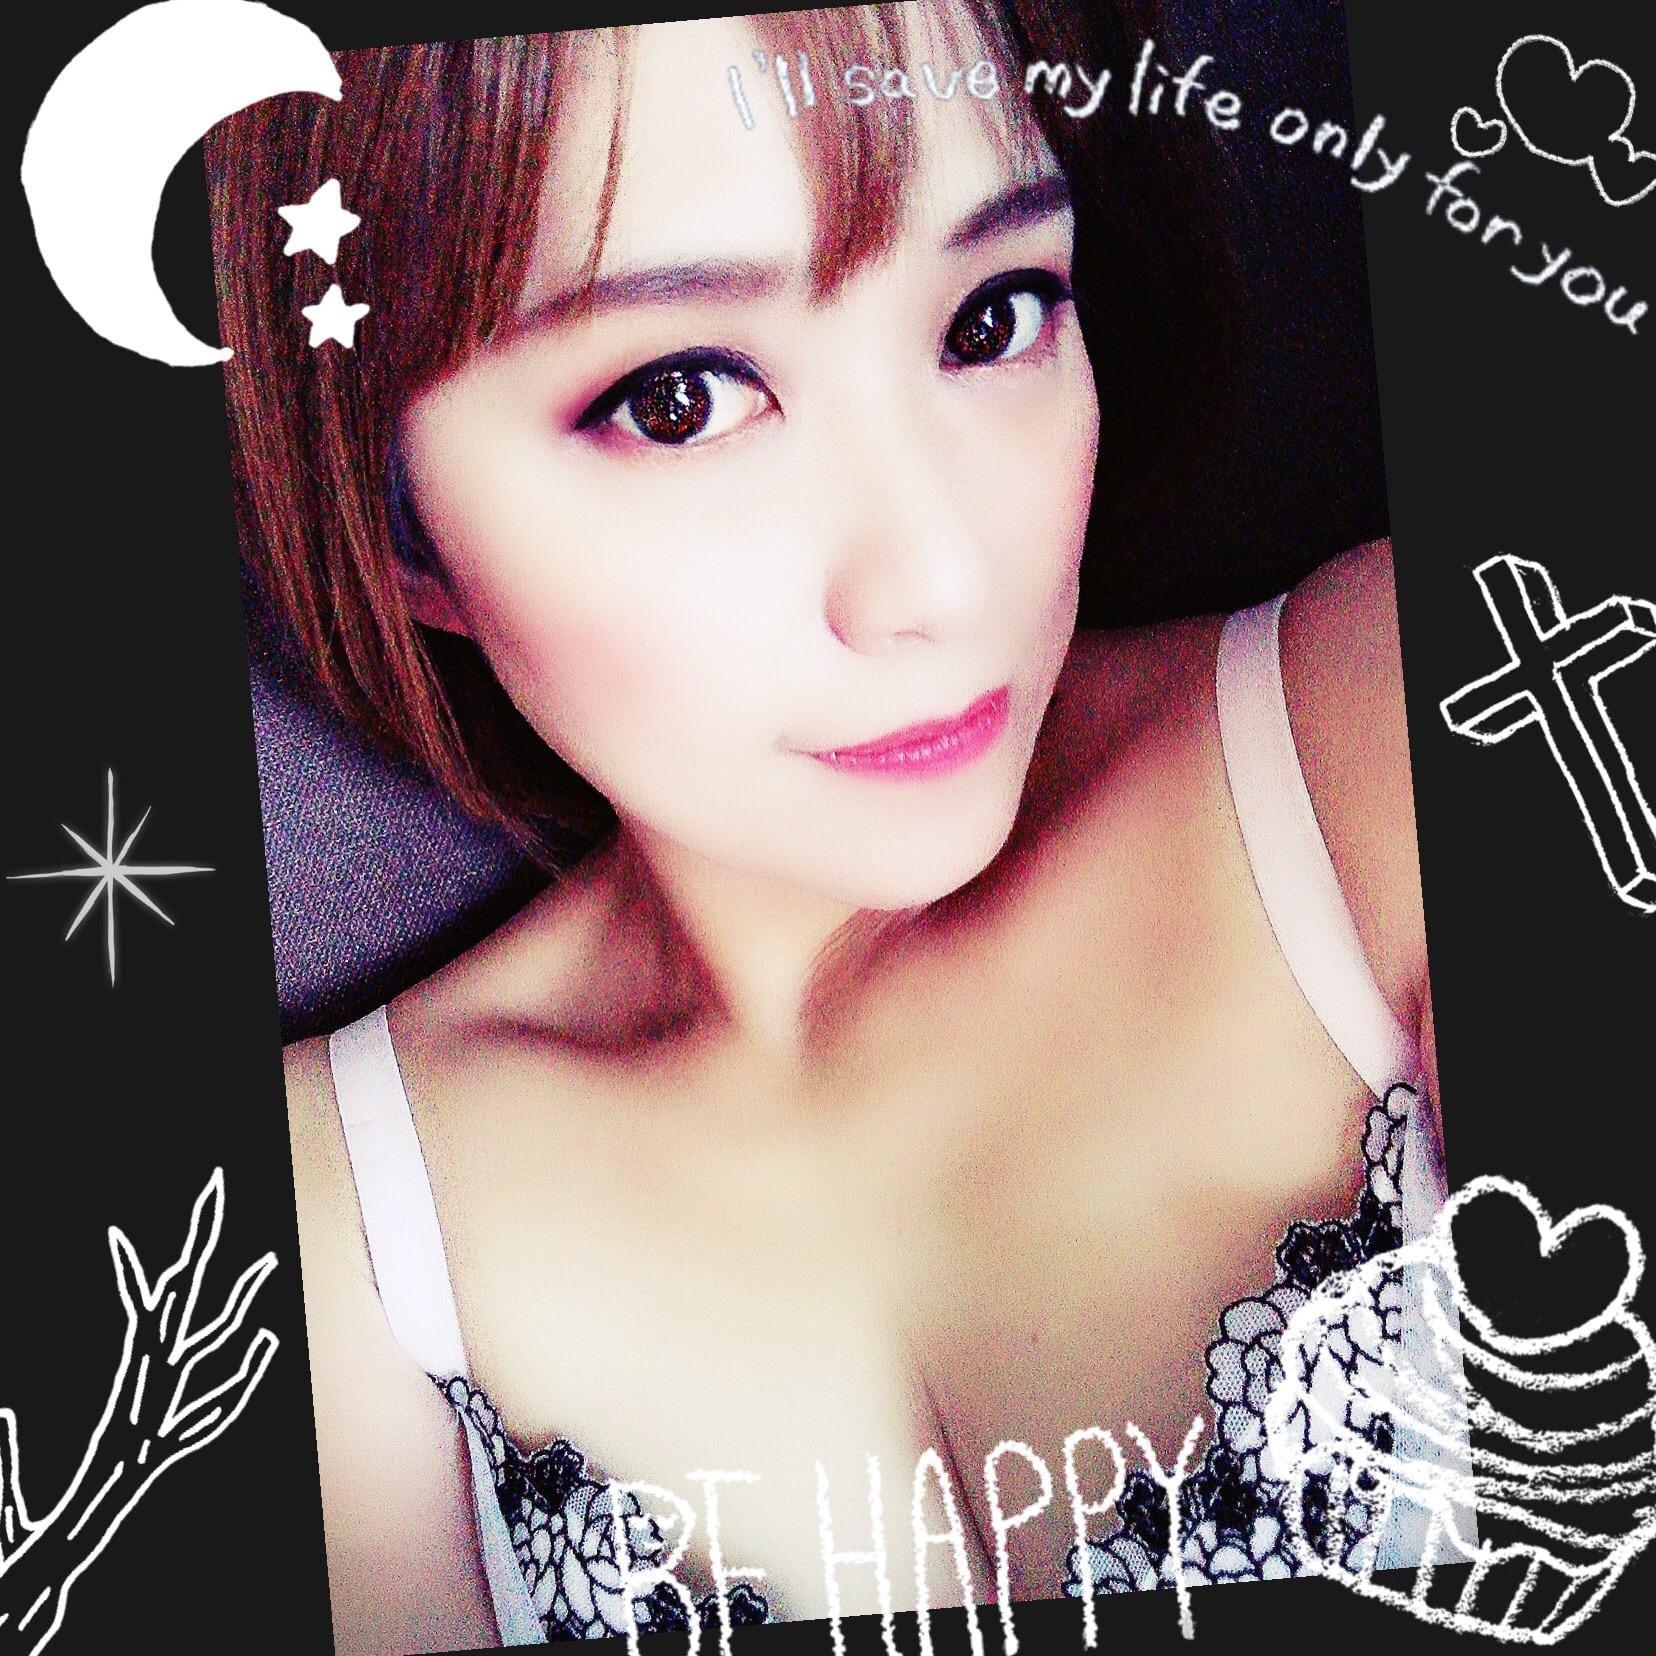 レン「ありがと♡」06/18(月) 22:44   レンの写メ・風俗動画